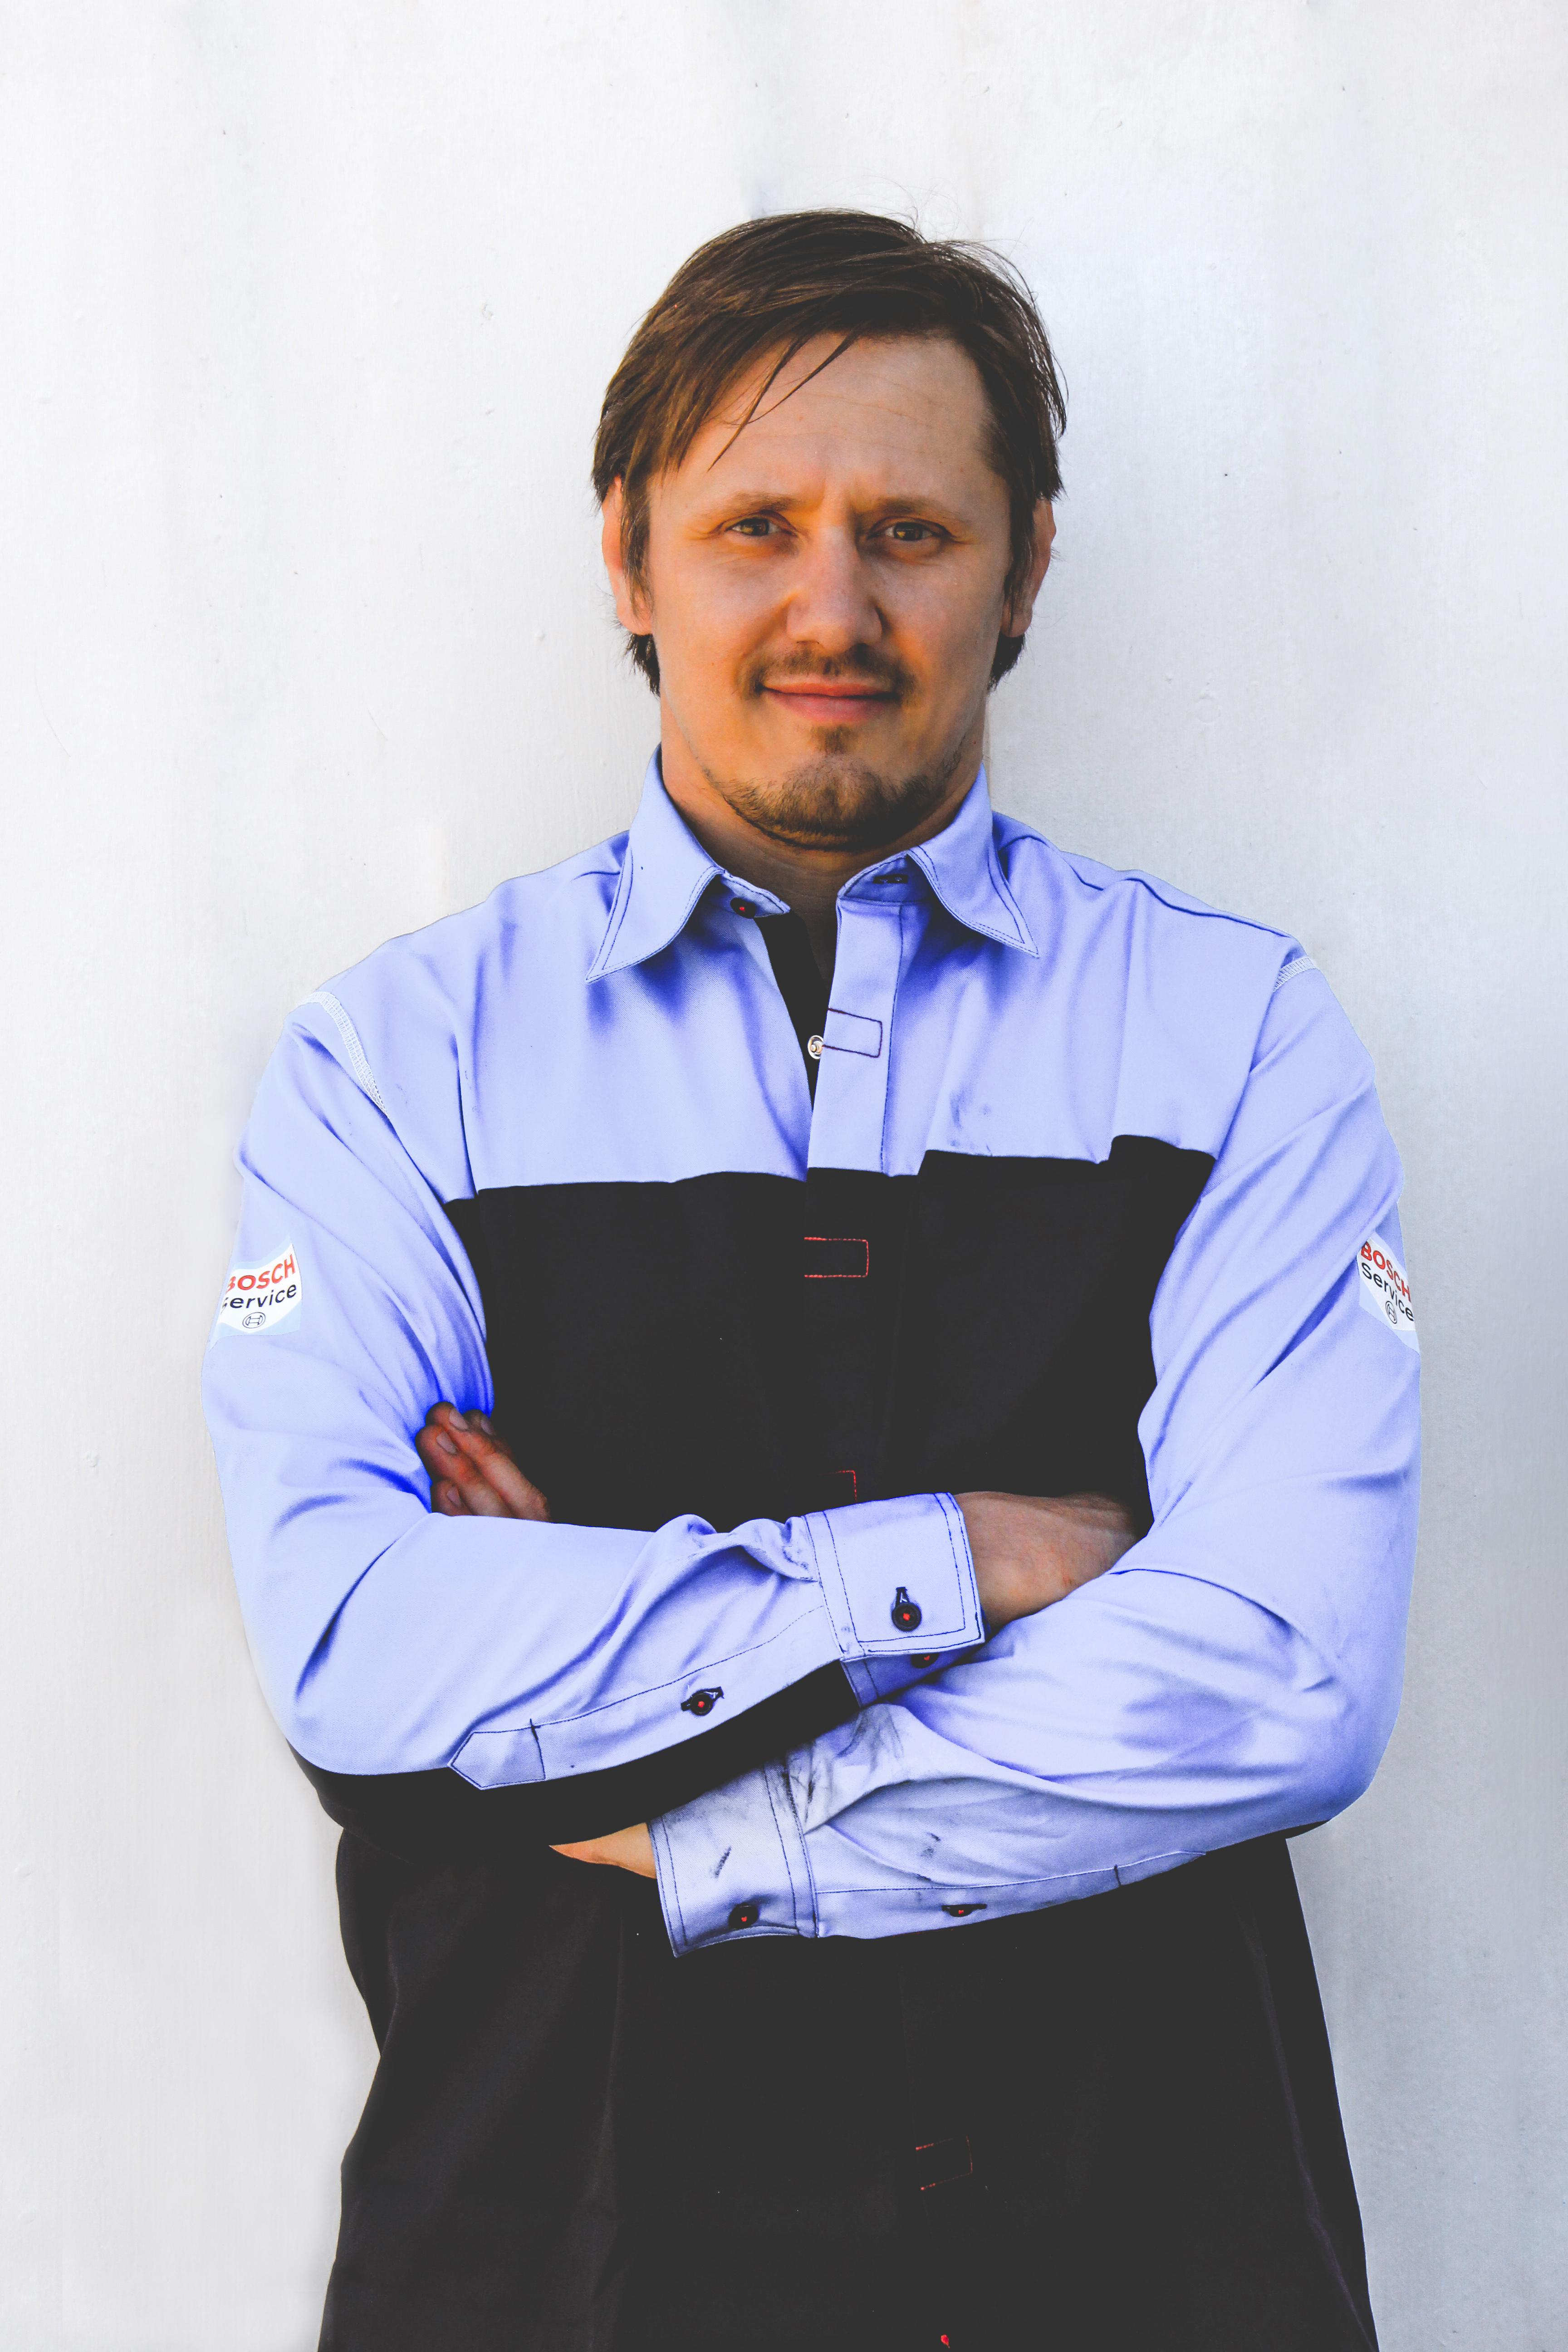 Oleg Menzhinskiy